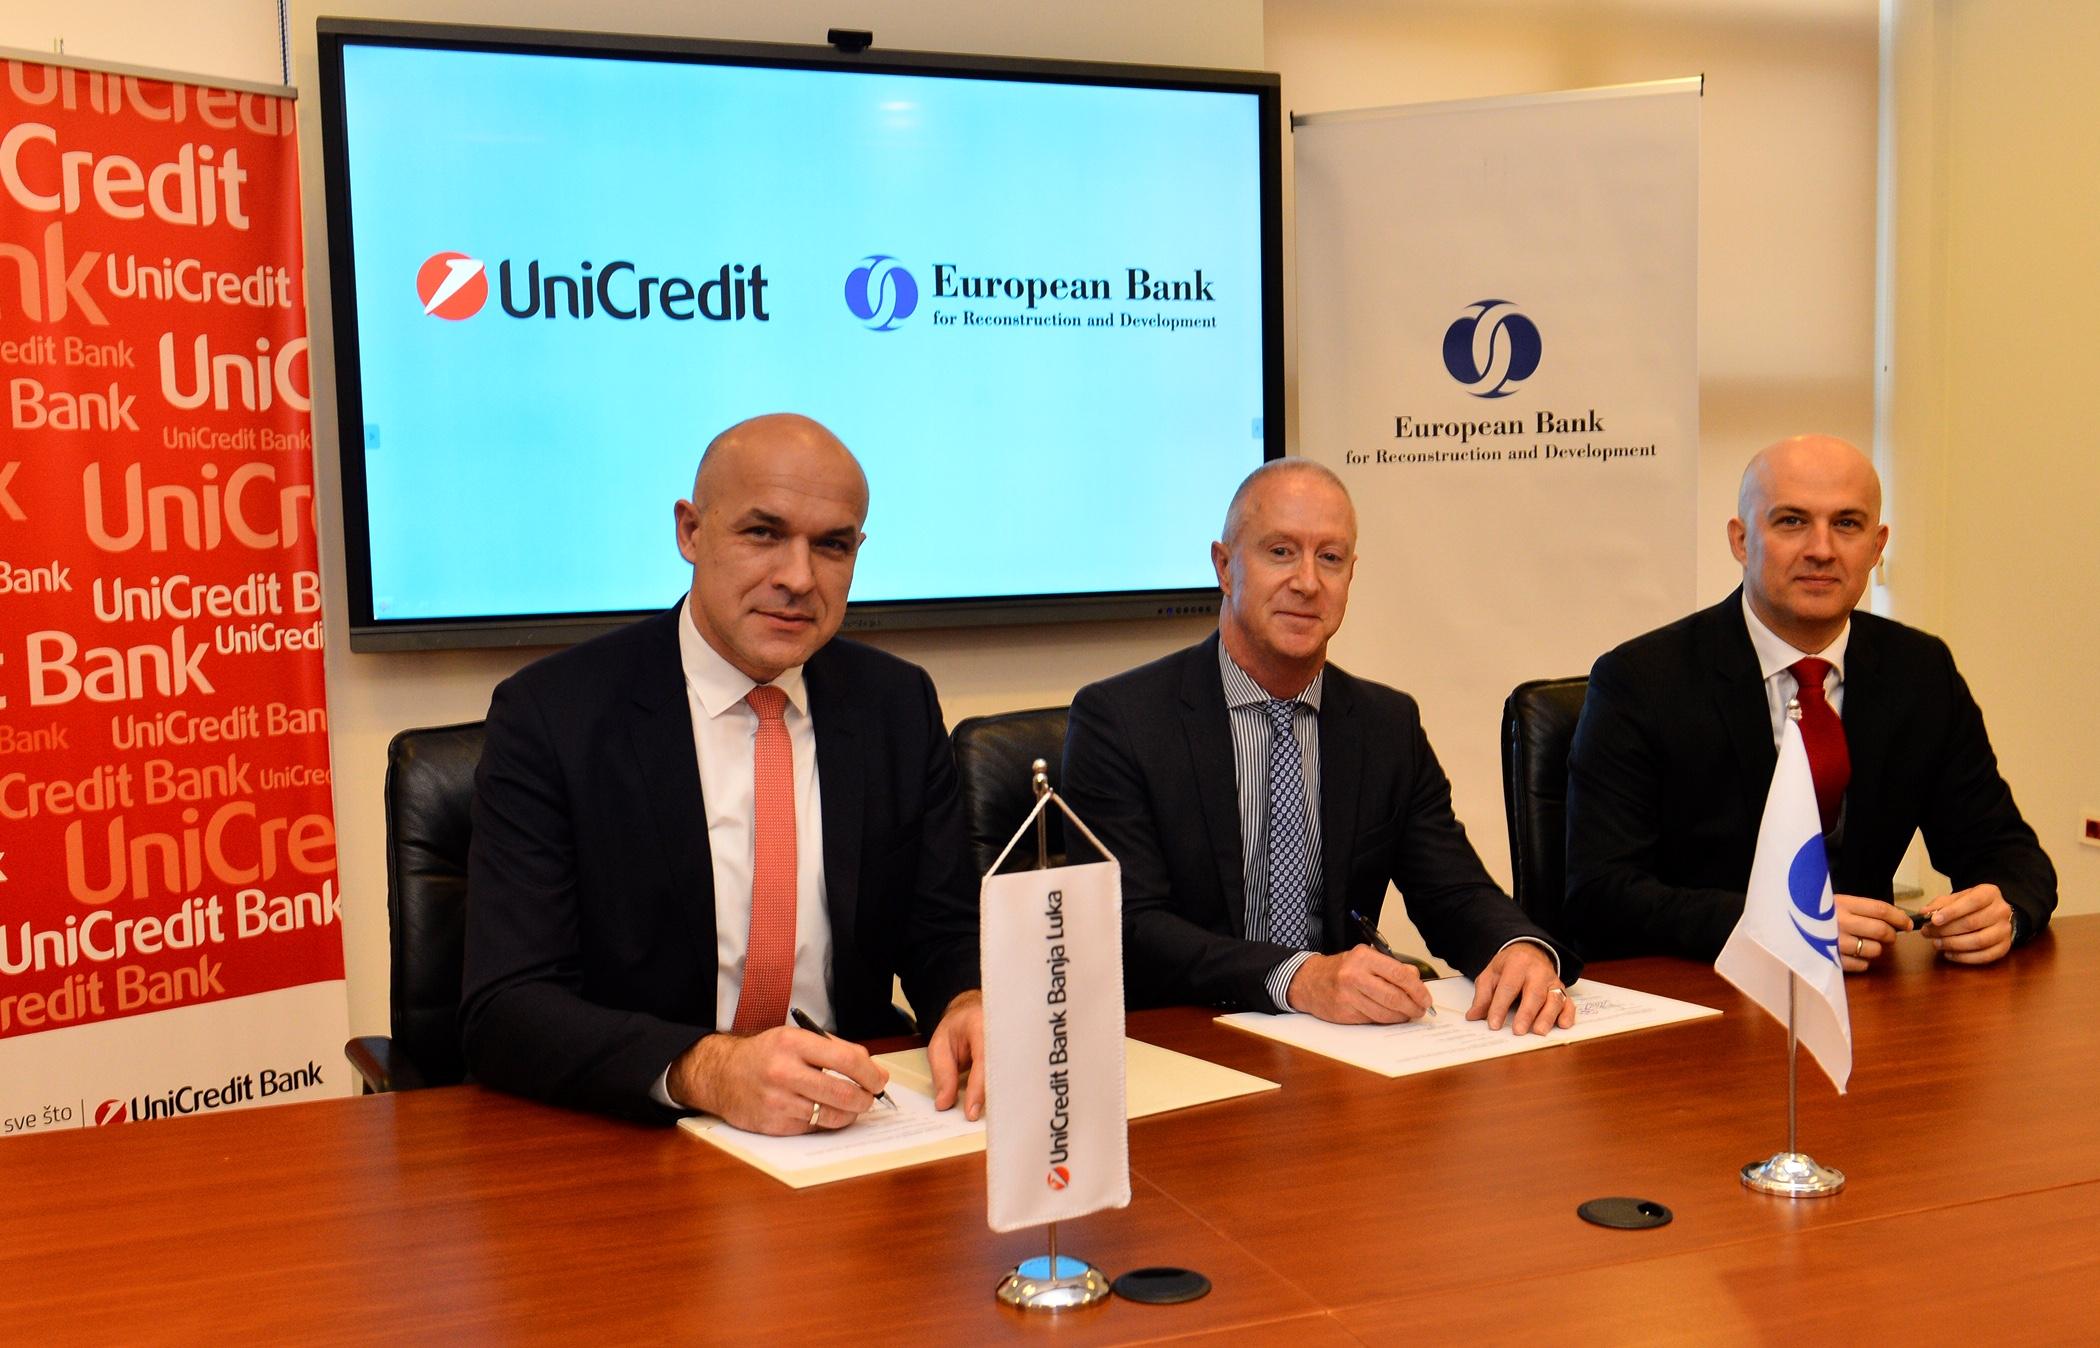 UniCredit u BiH i EBRD potpisali ugovor o posebnoj kreditnoj liniji za razvoj konkurentnosti malih i srednjih preduzeća